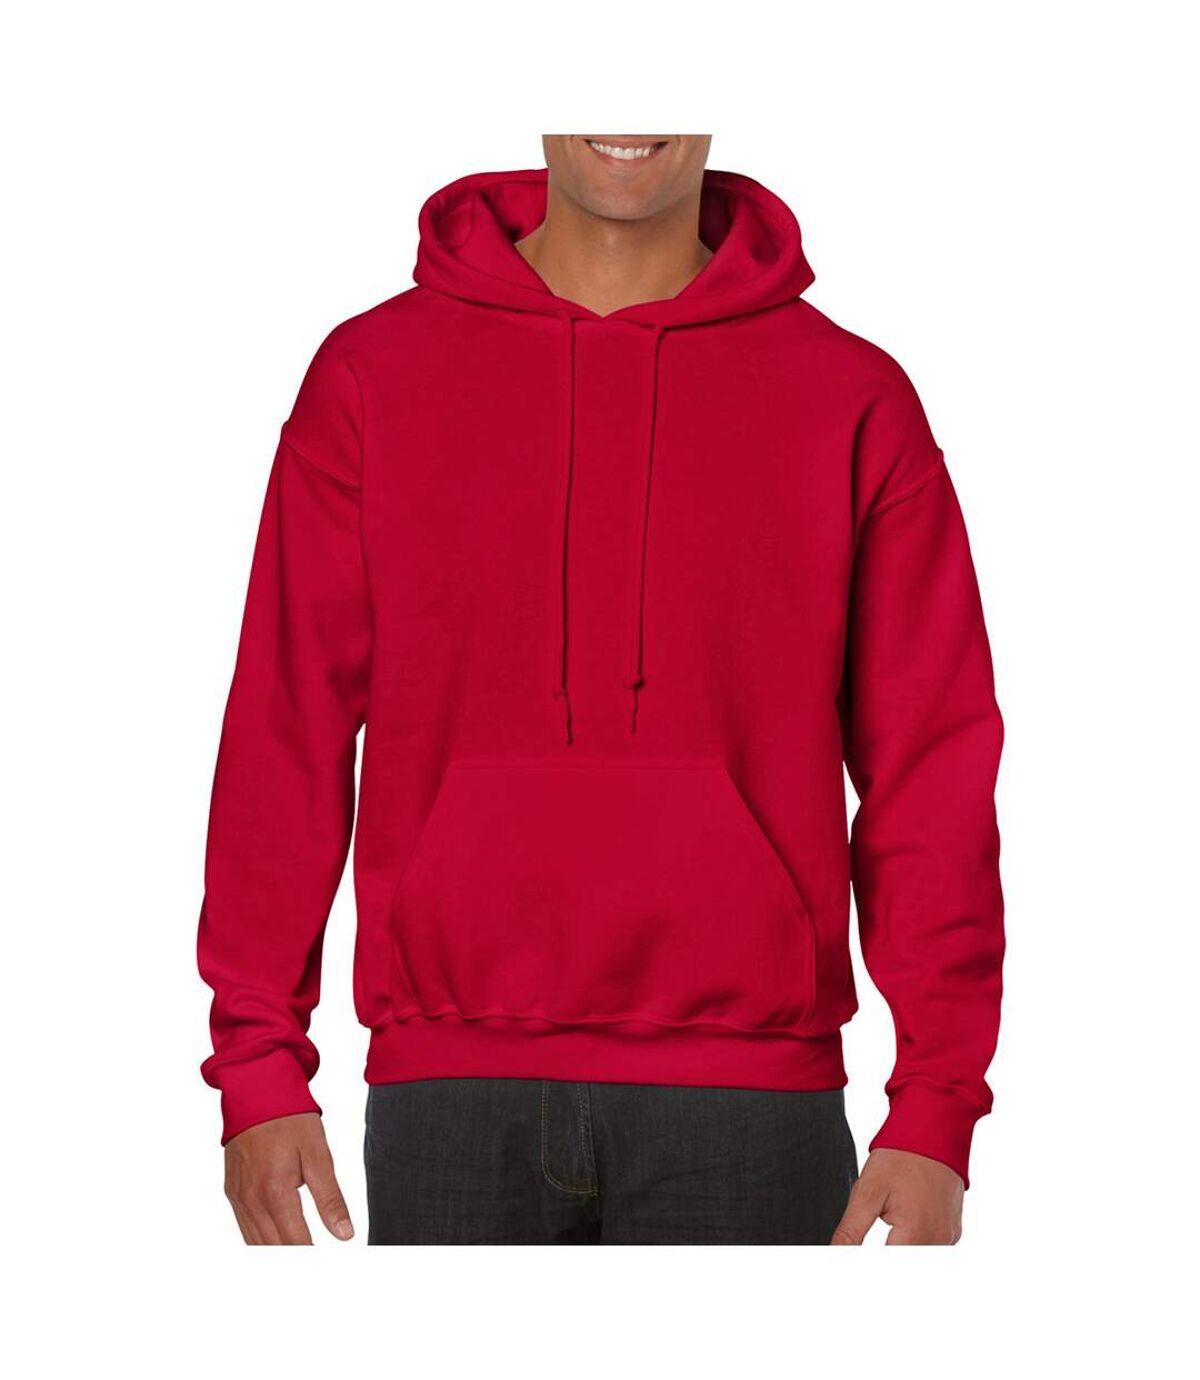 Gildan - Sweatshirt à capuche - Unisexe (Bleu marine) - UTBC468